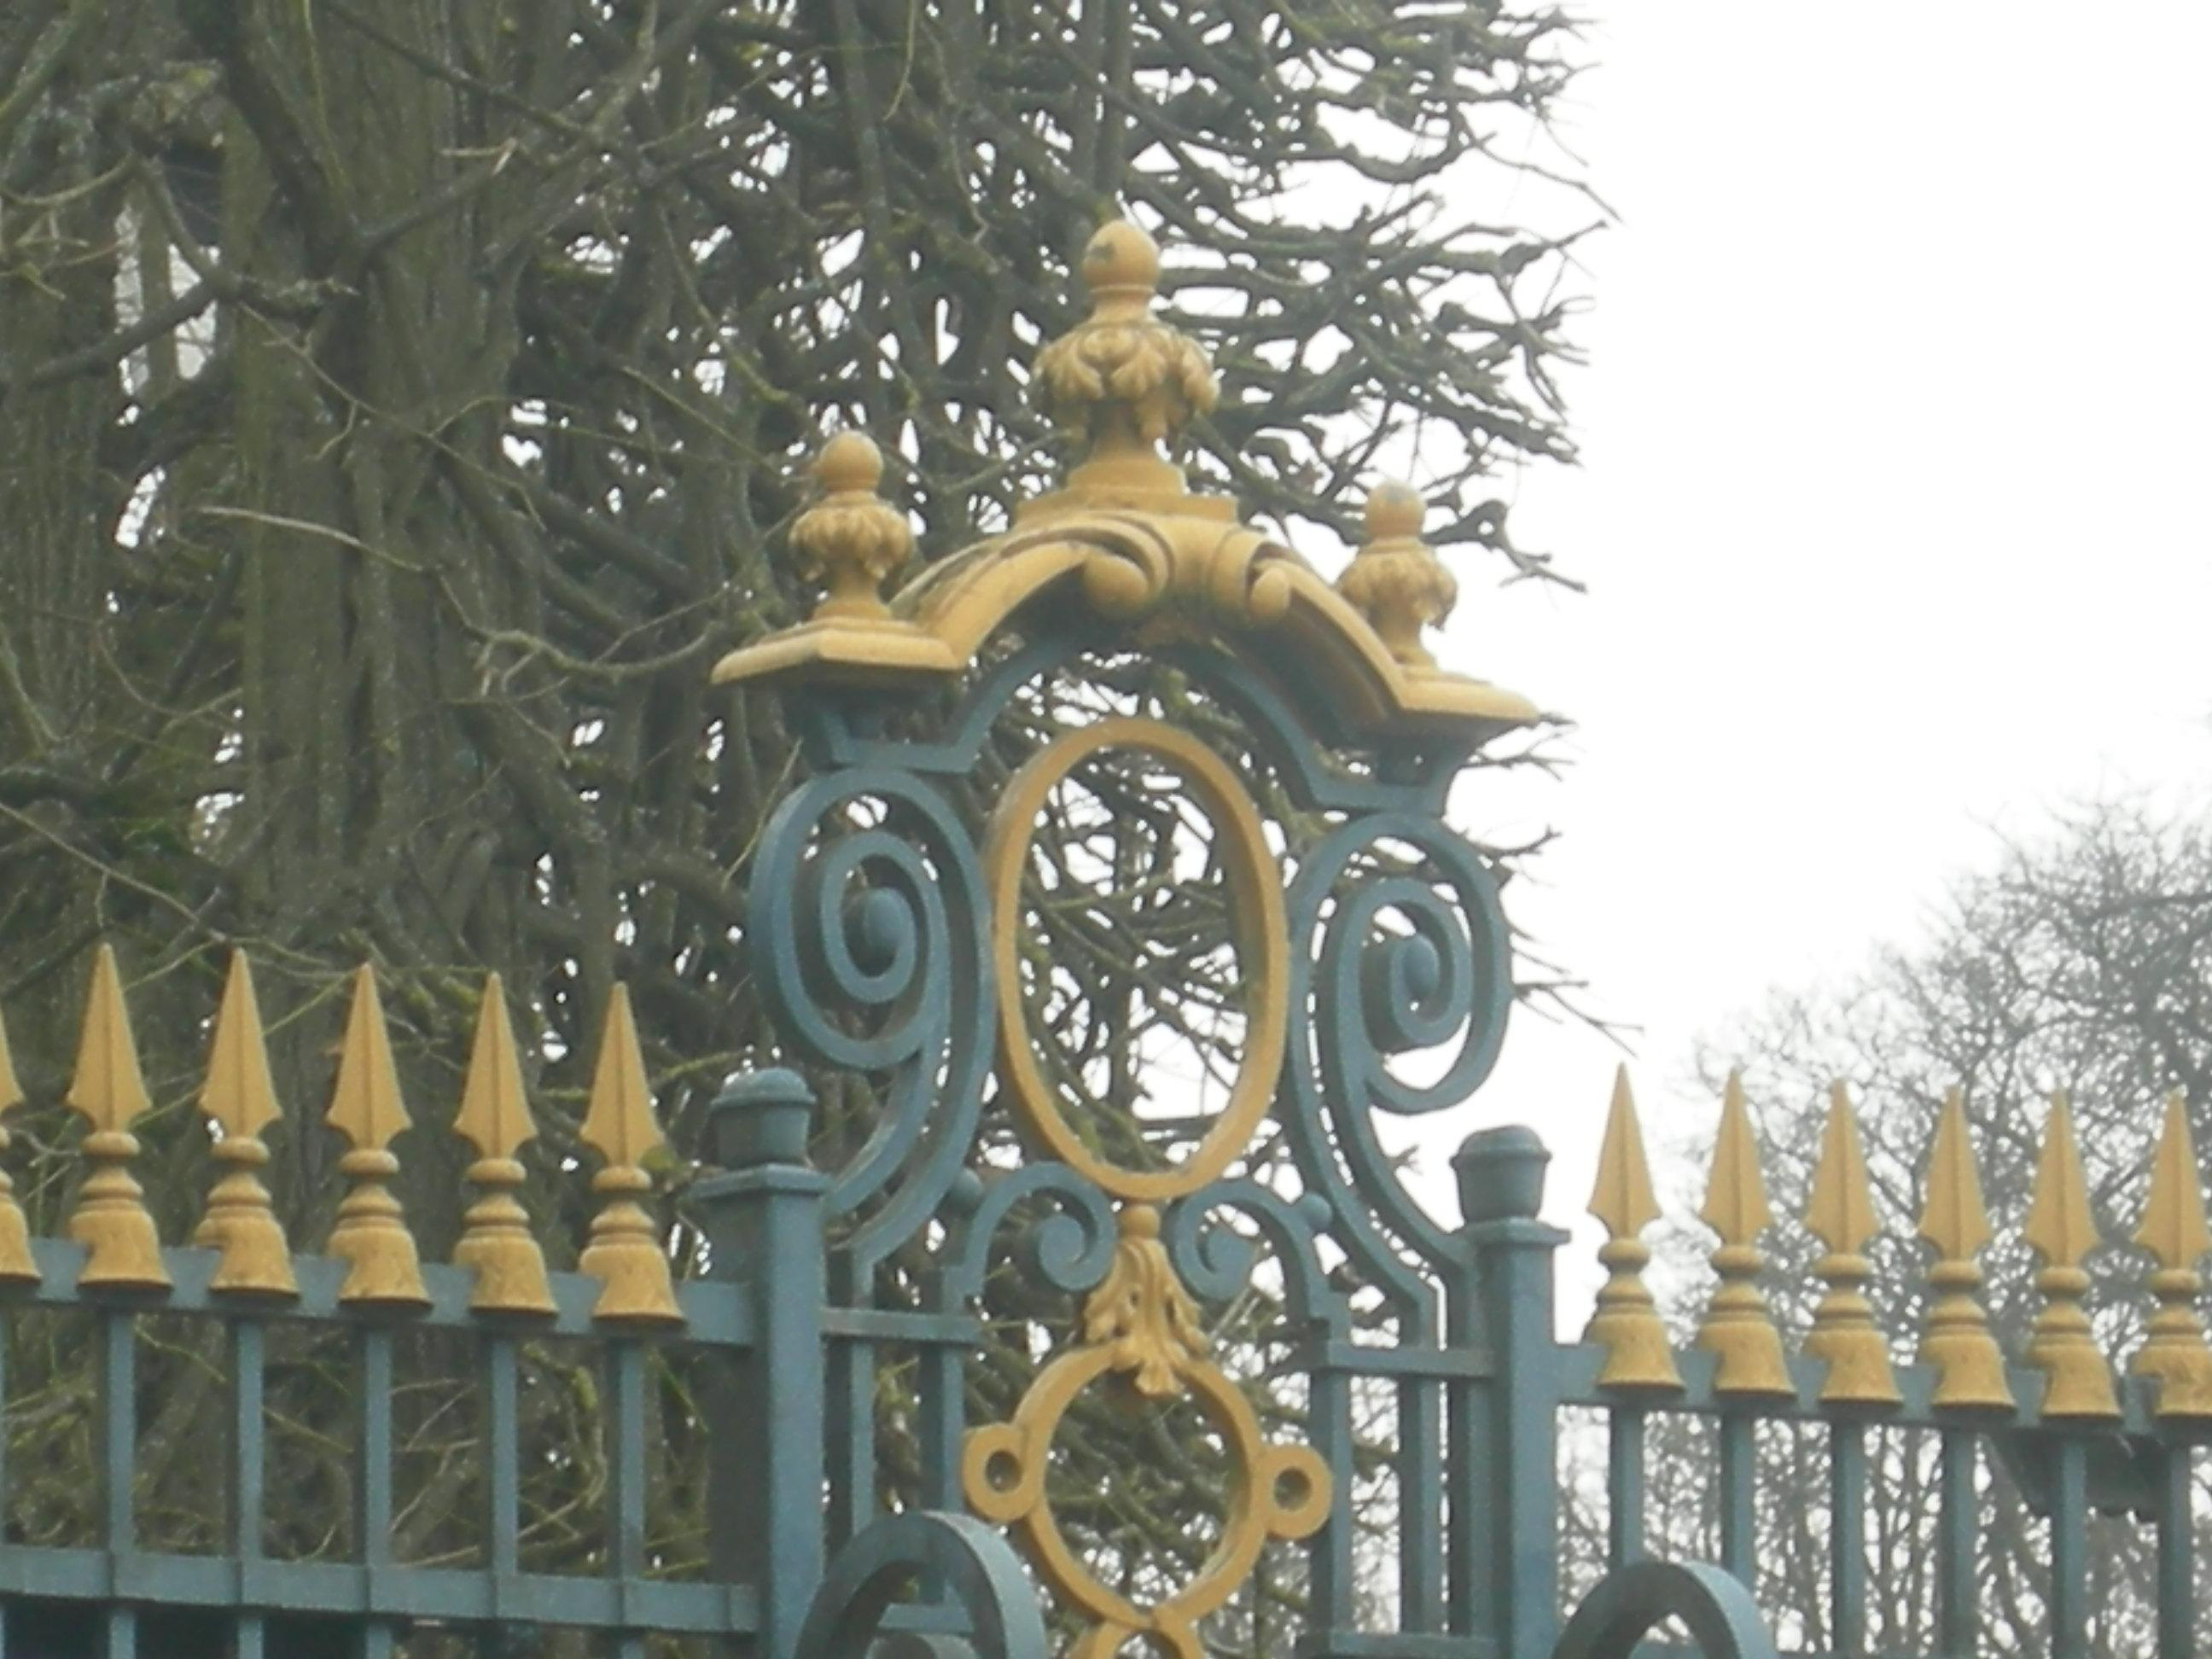 Versailles château : Visite guidée au château de Versailles [vidéo]